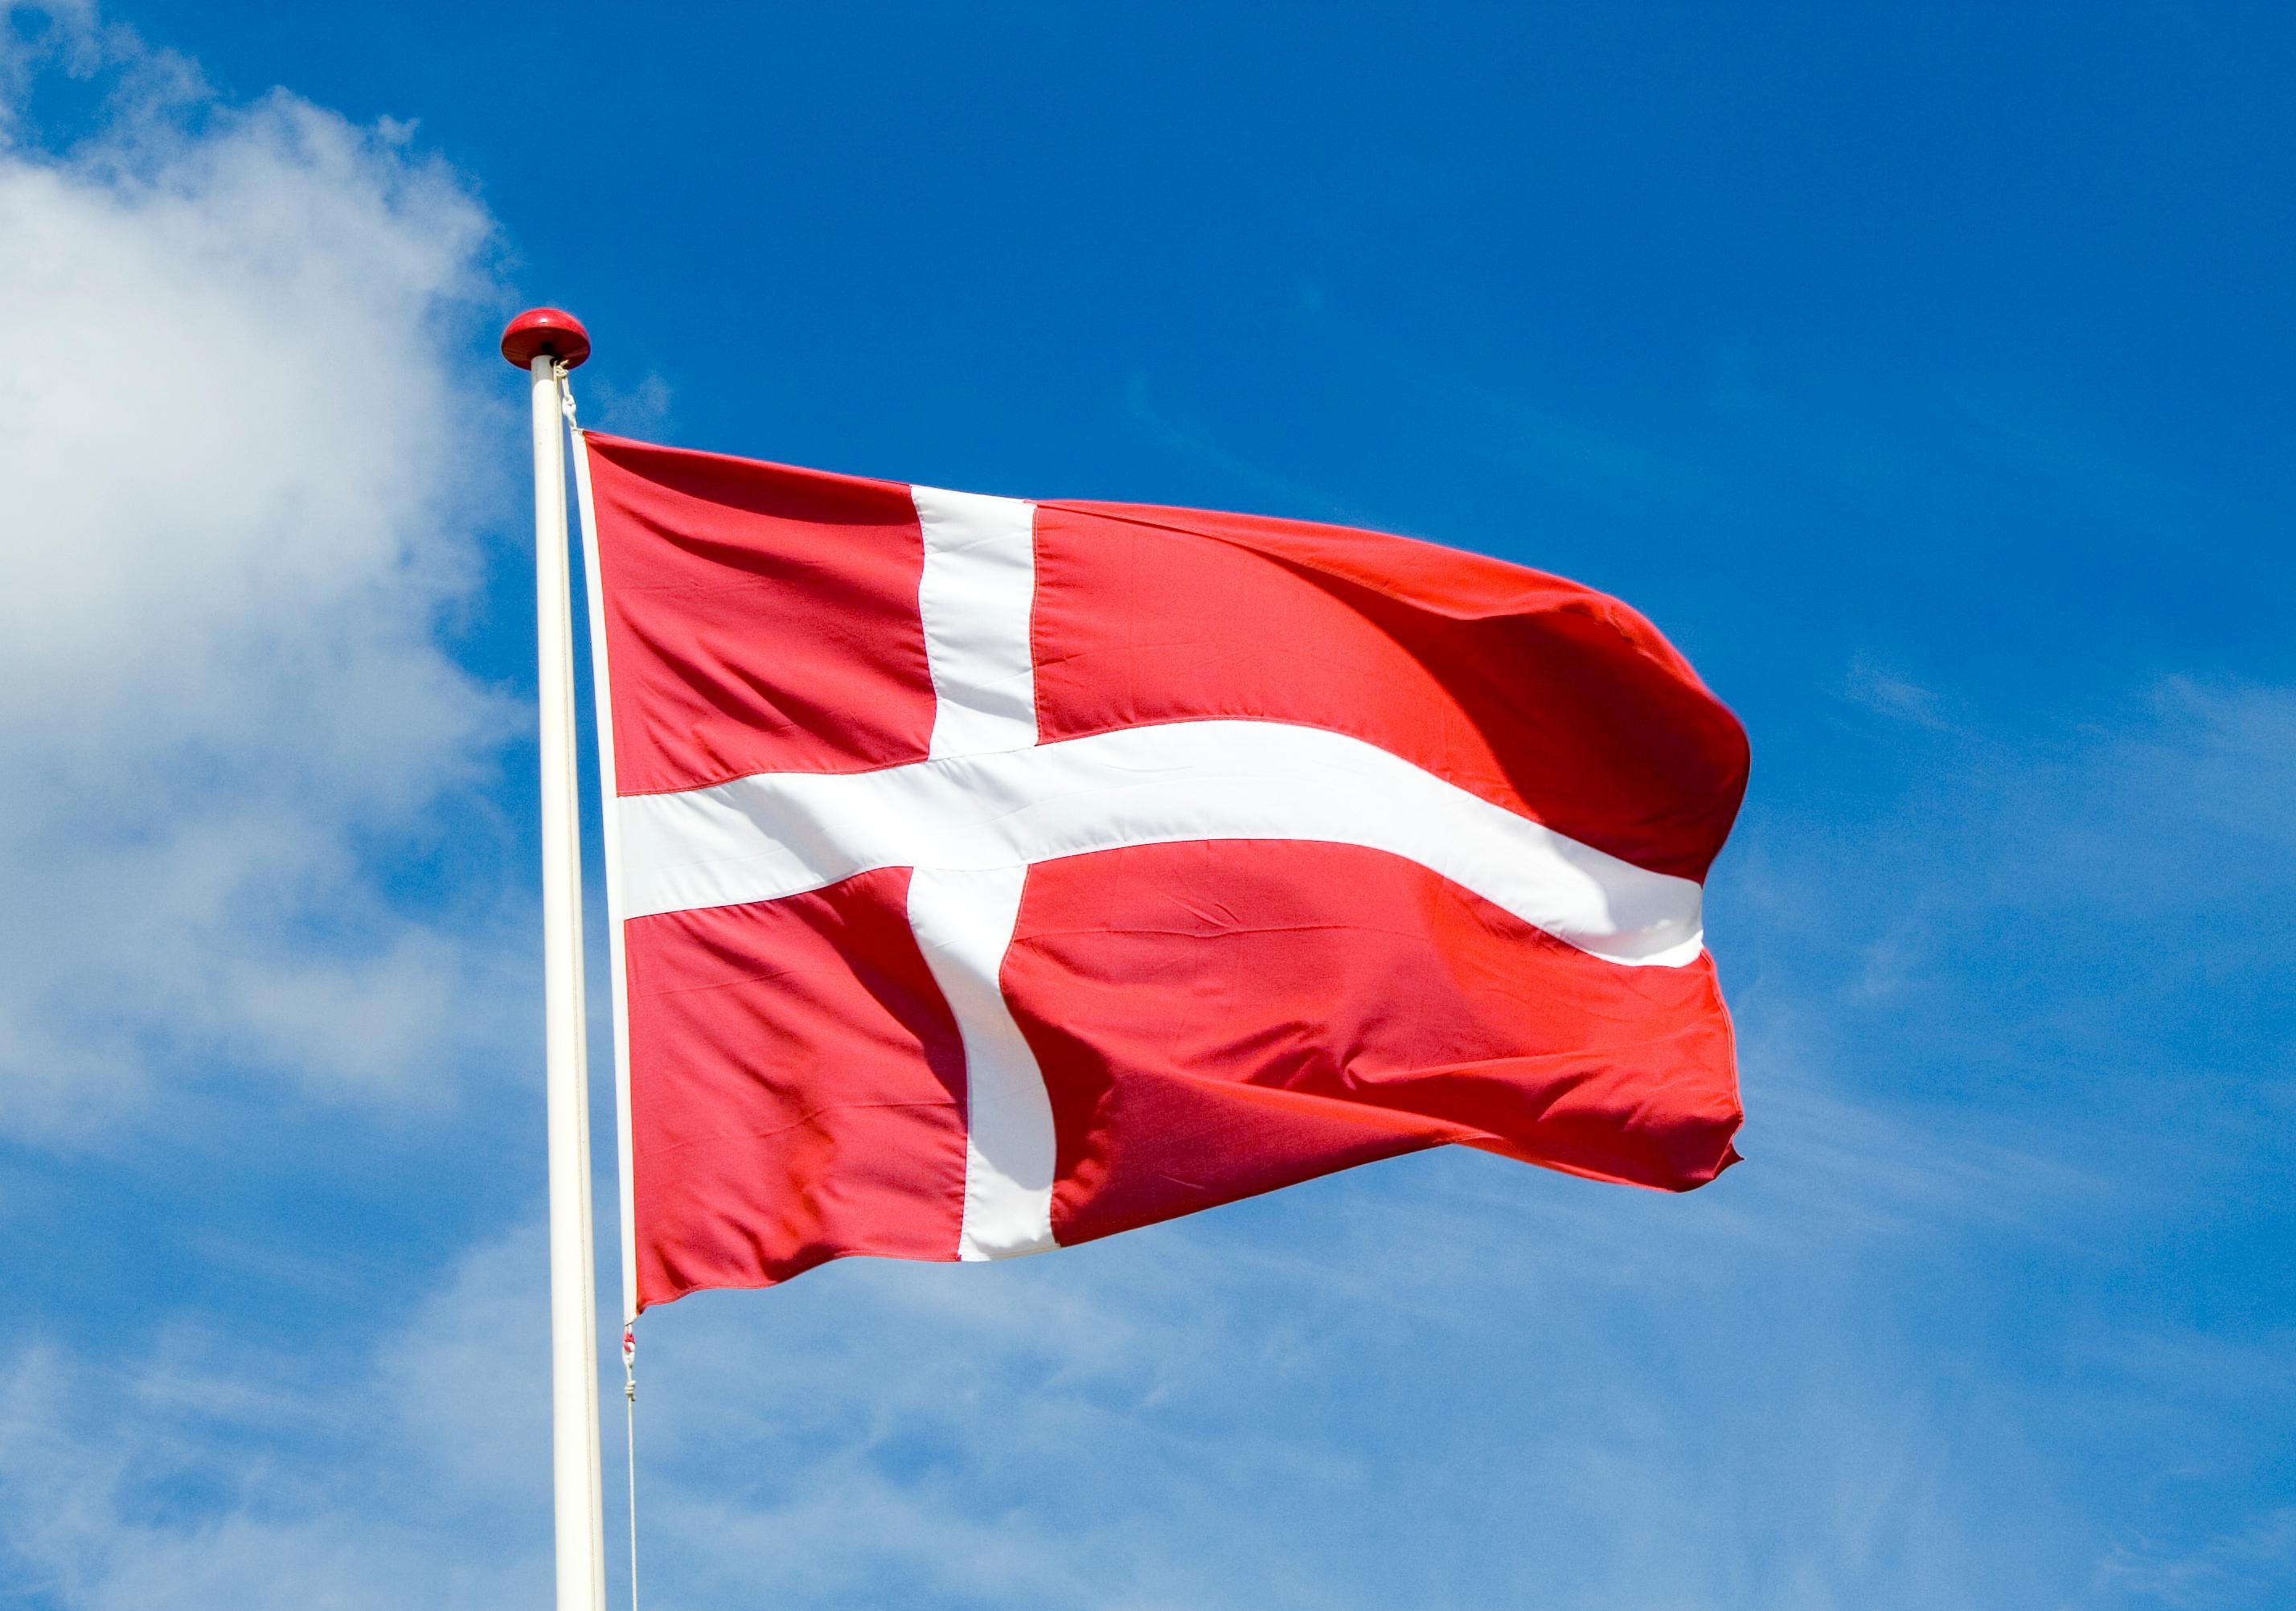 jeg kommer ikke under samleje dansk dating side